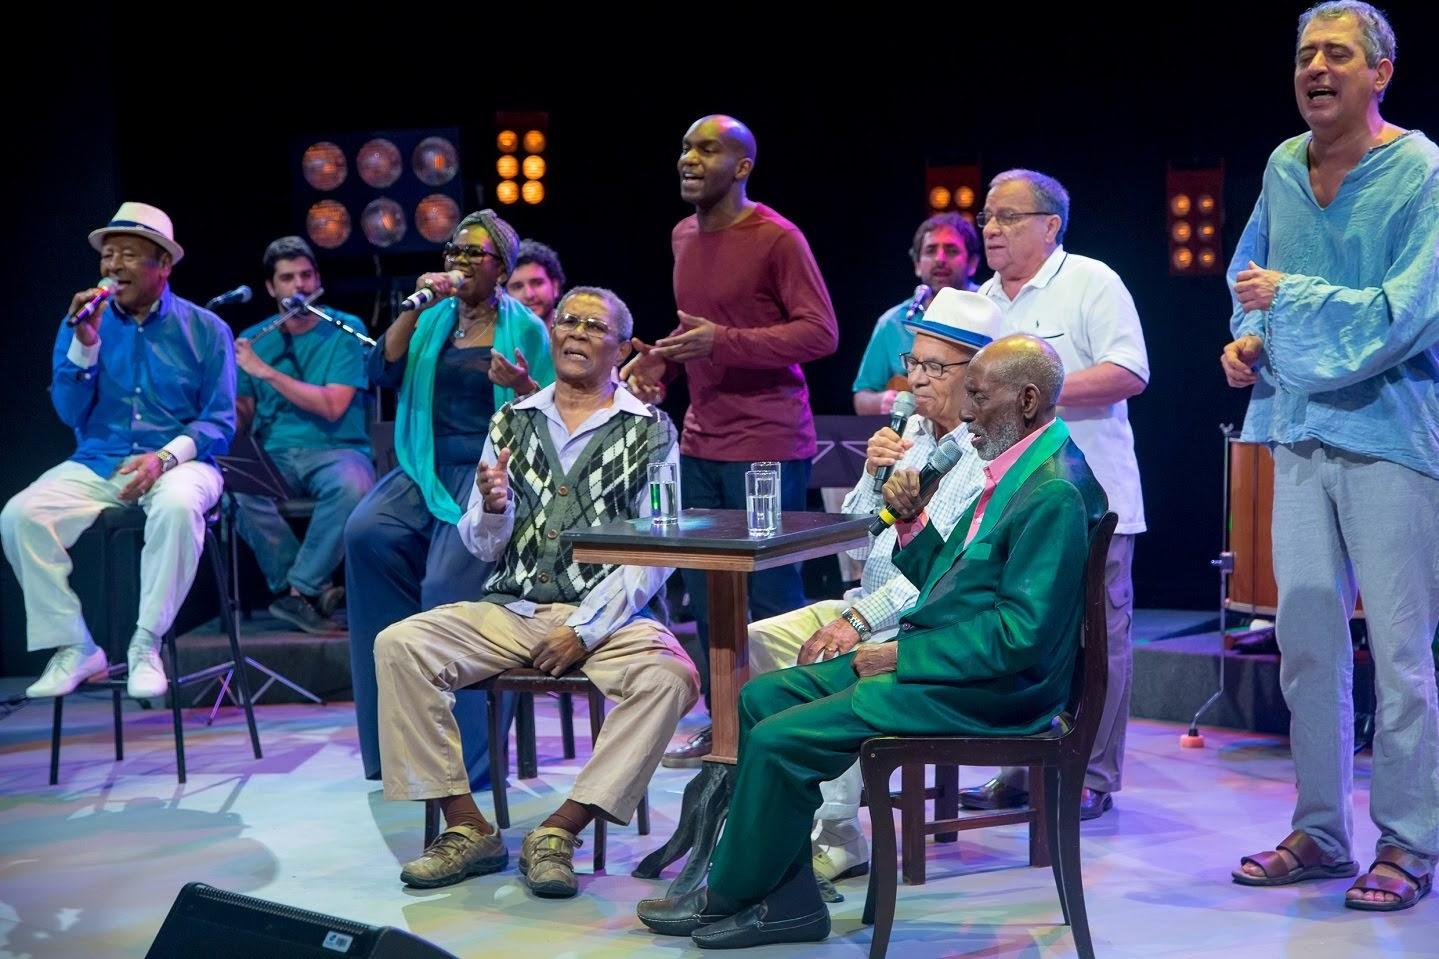 TV Brasil apresenta show em homenagem a Nelson Sargento neste sábado (28/7)